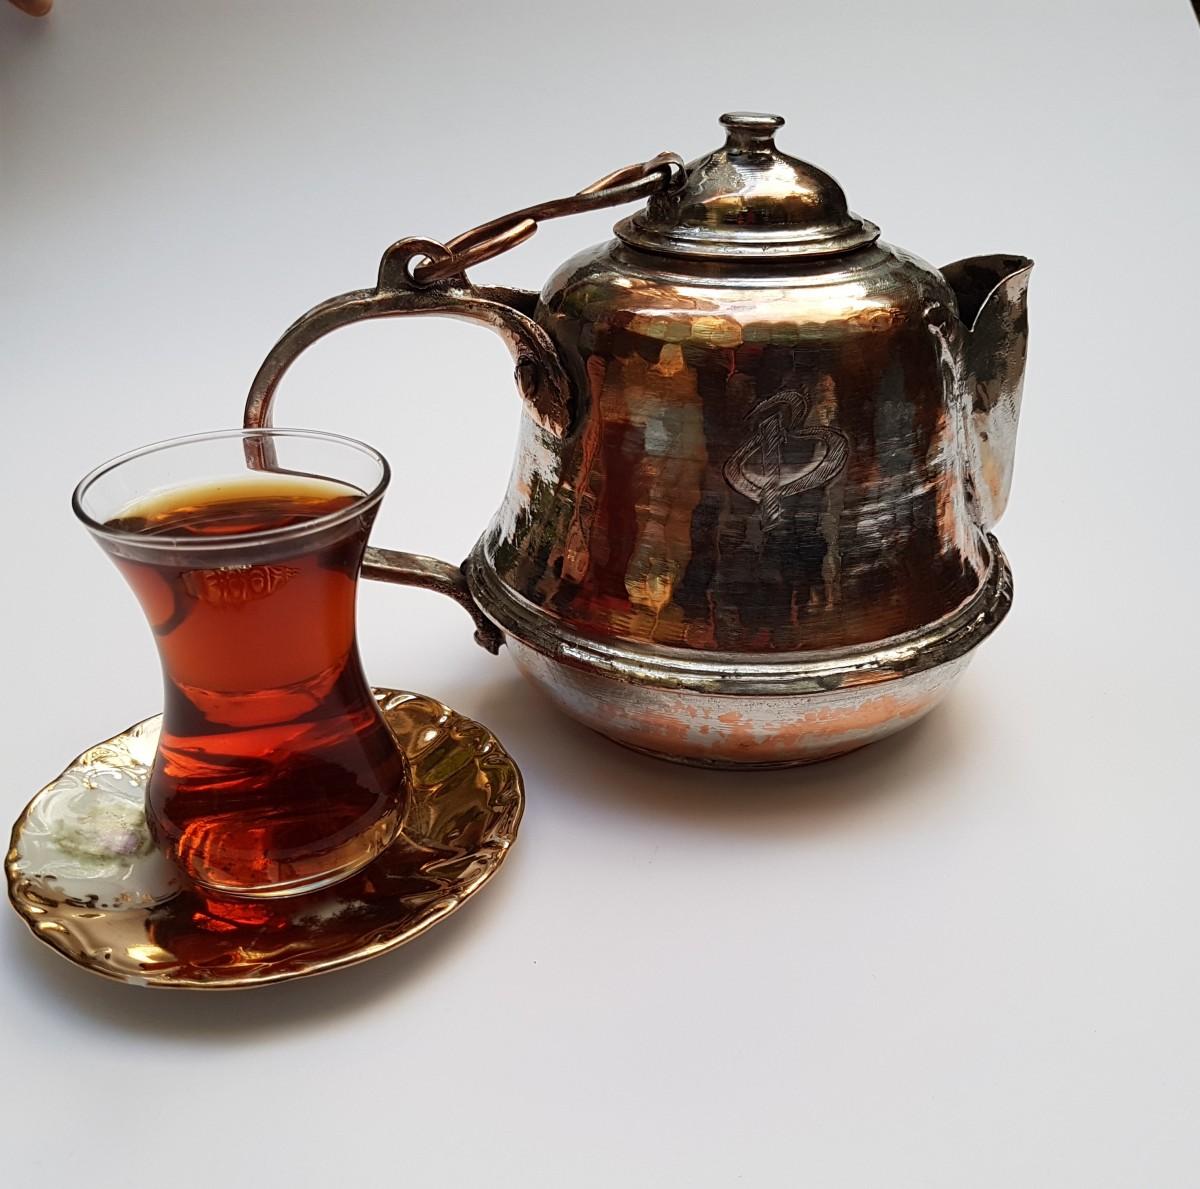 ÖZEL TASARIM DÖVME BAKIR DEMLİK Beg_2468